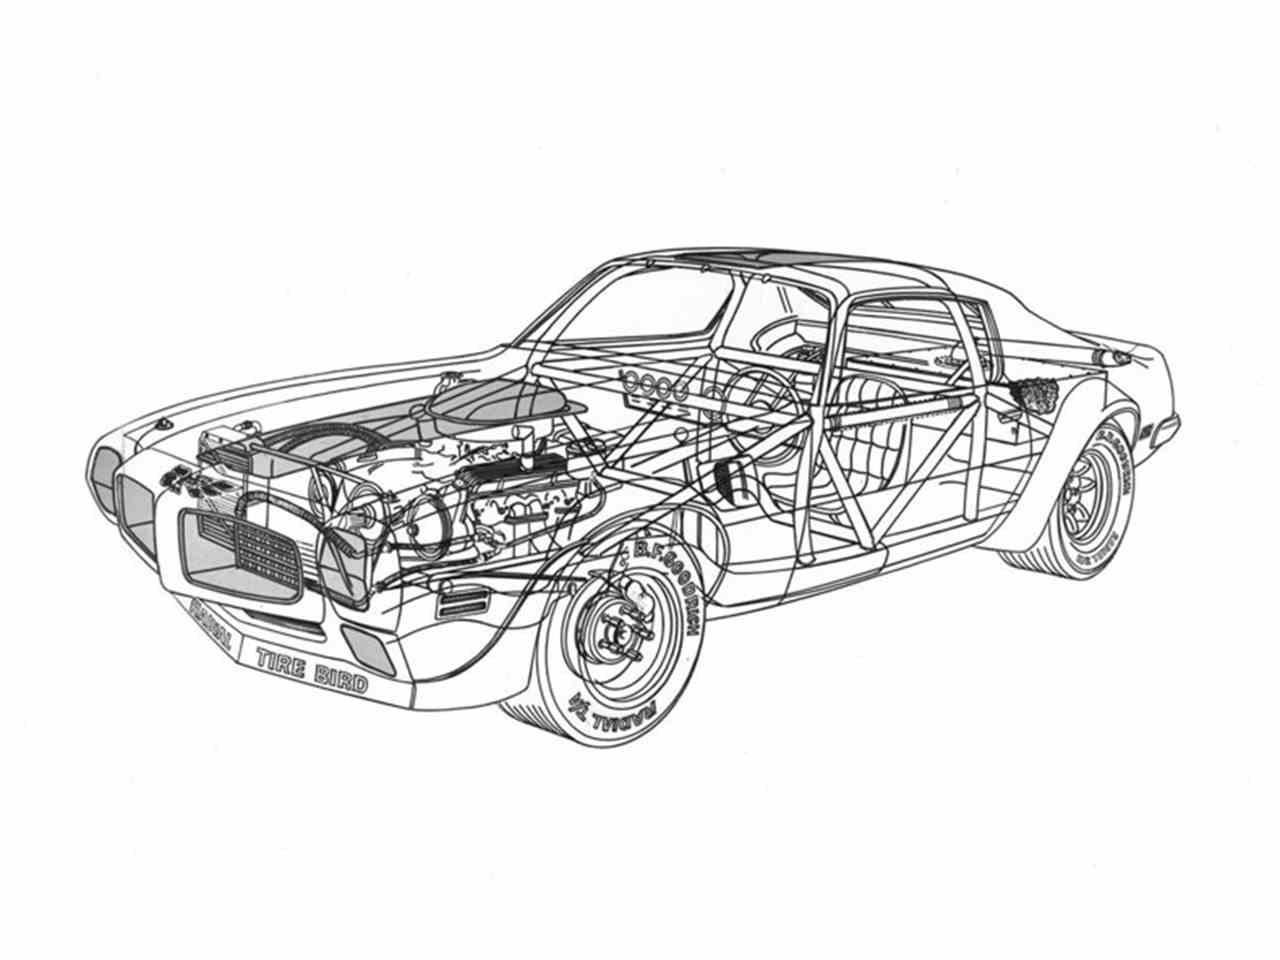 1970 pontiac trans am 455